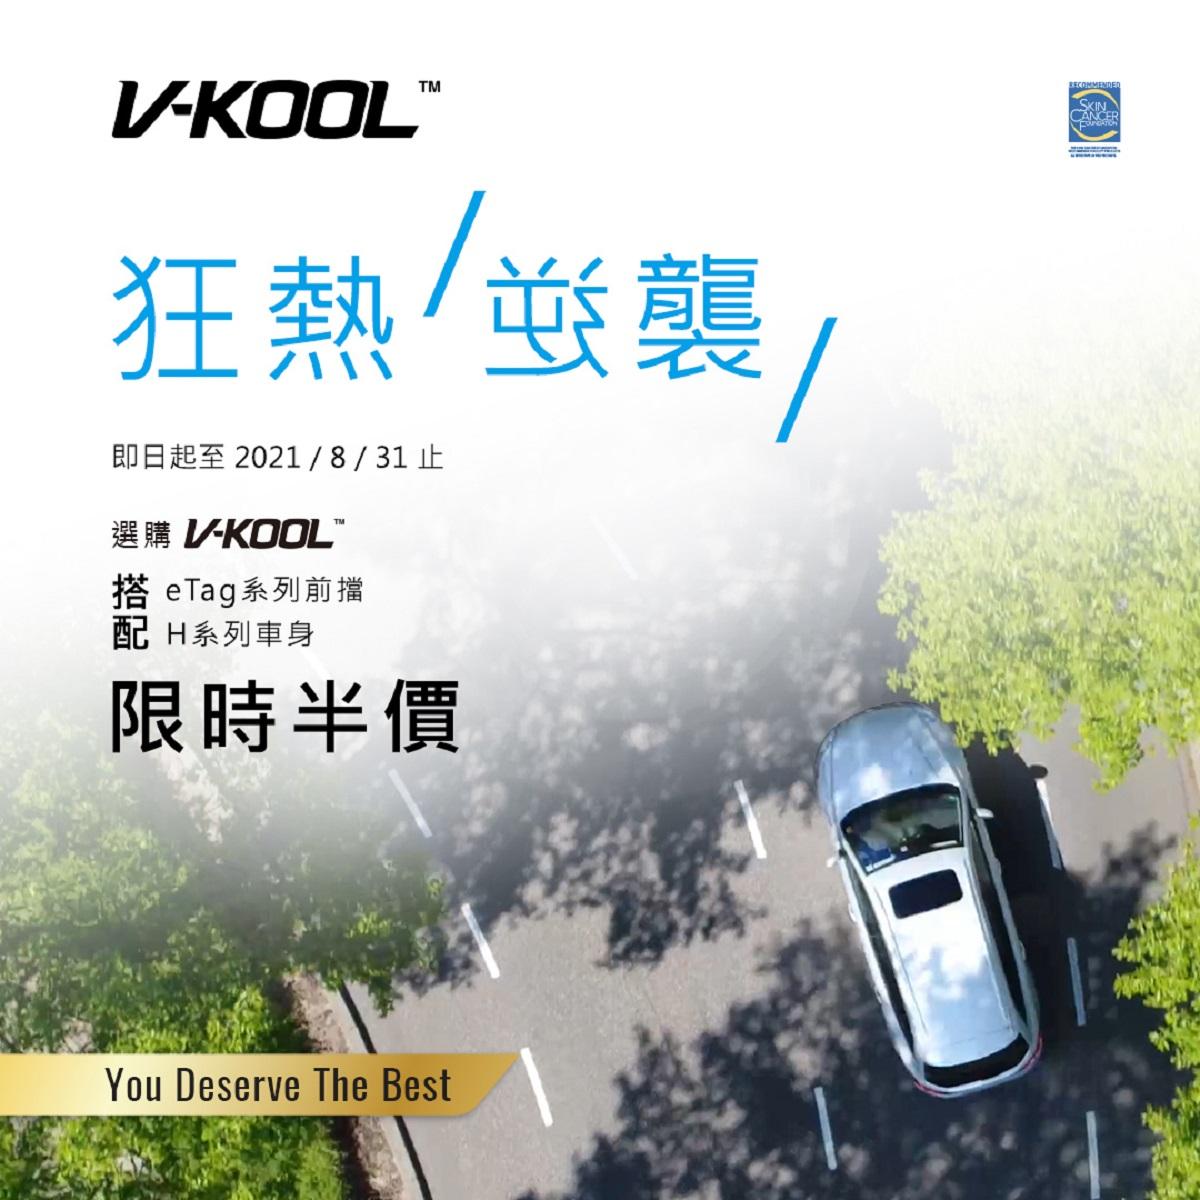 V-KOOL_限時半價_方圖2-1200.jpg